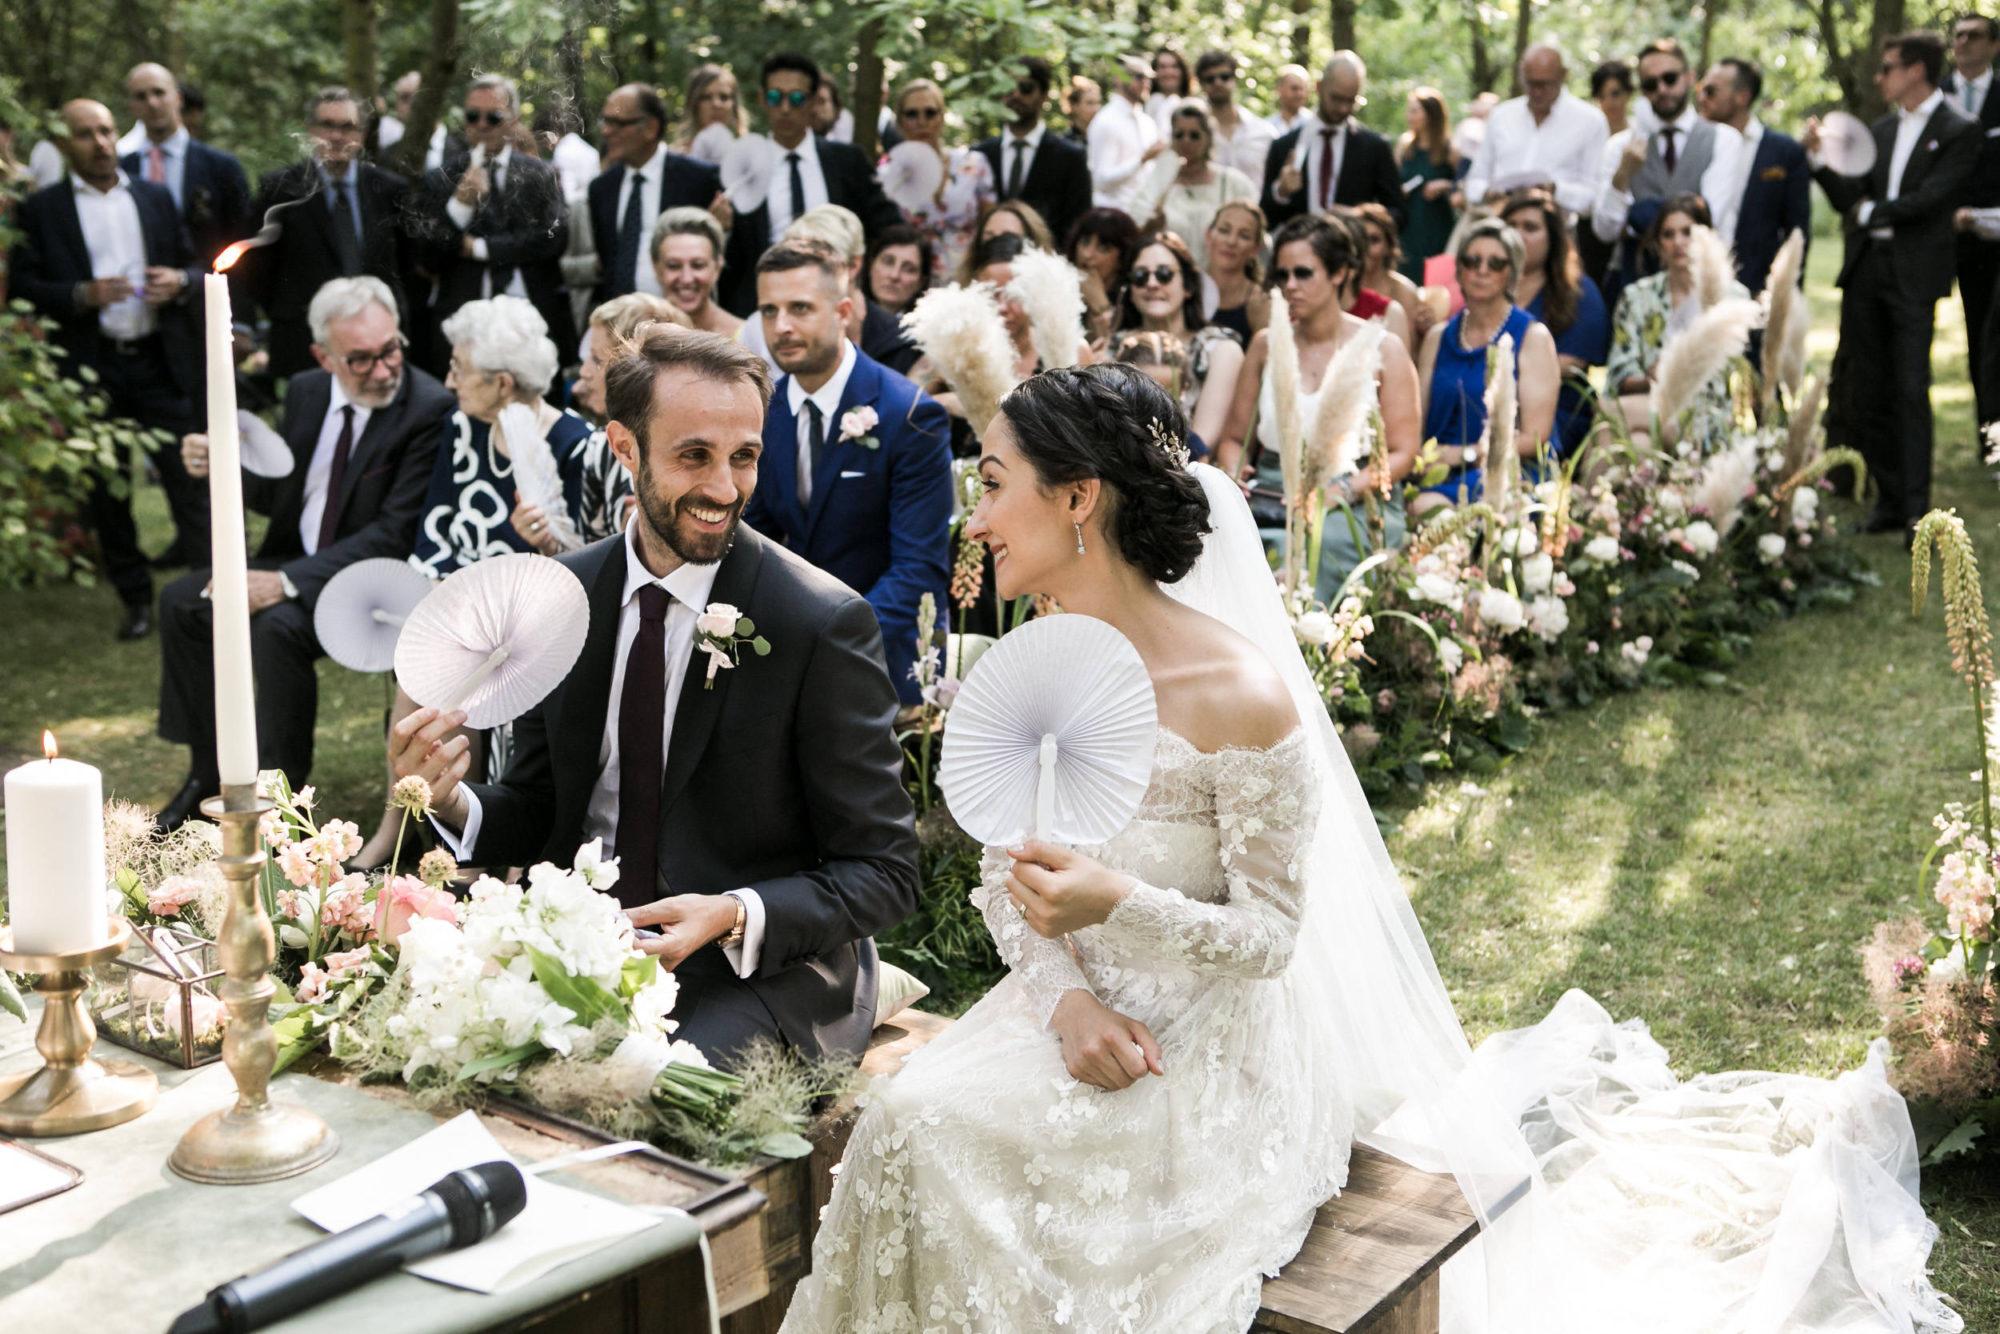 matrimonio_convento_annunciata_BA-054